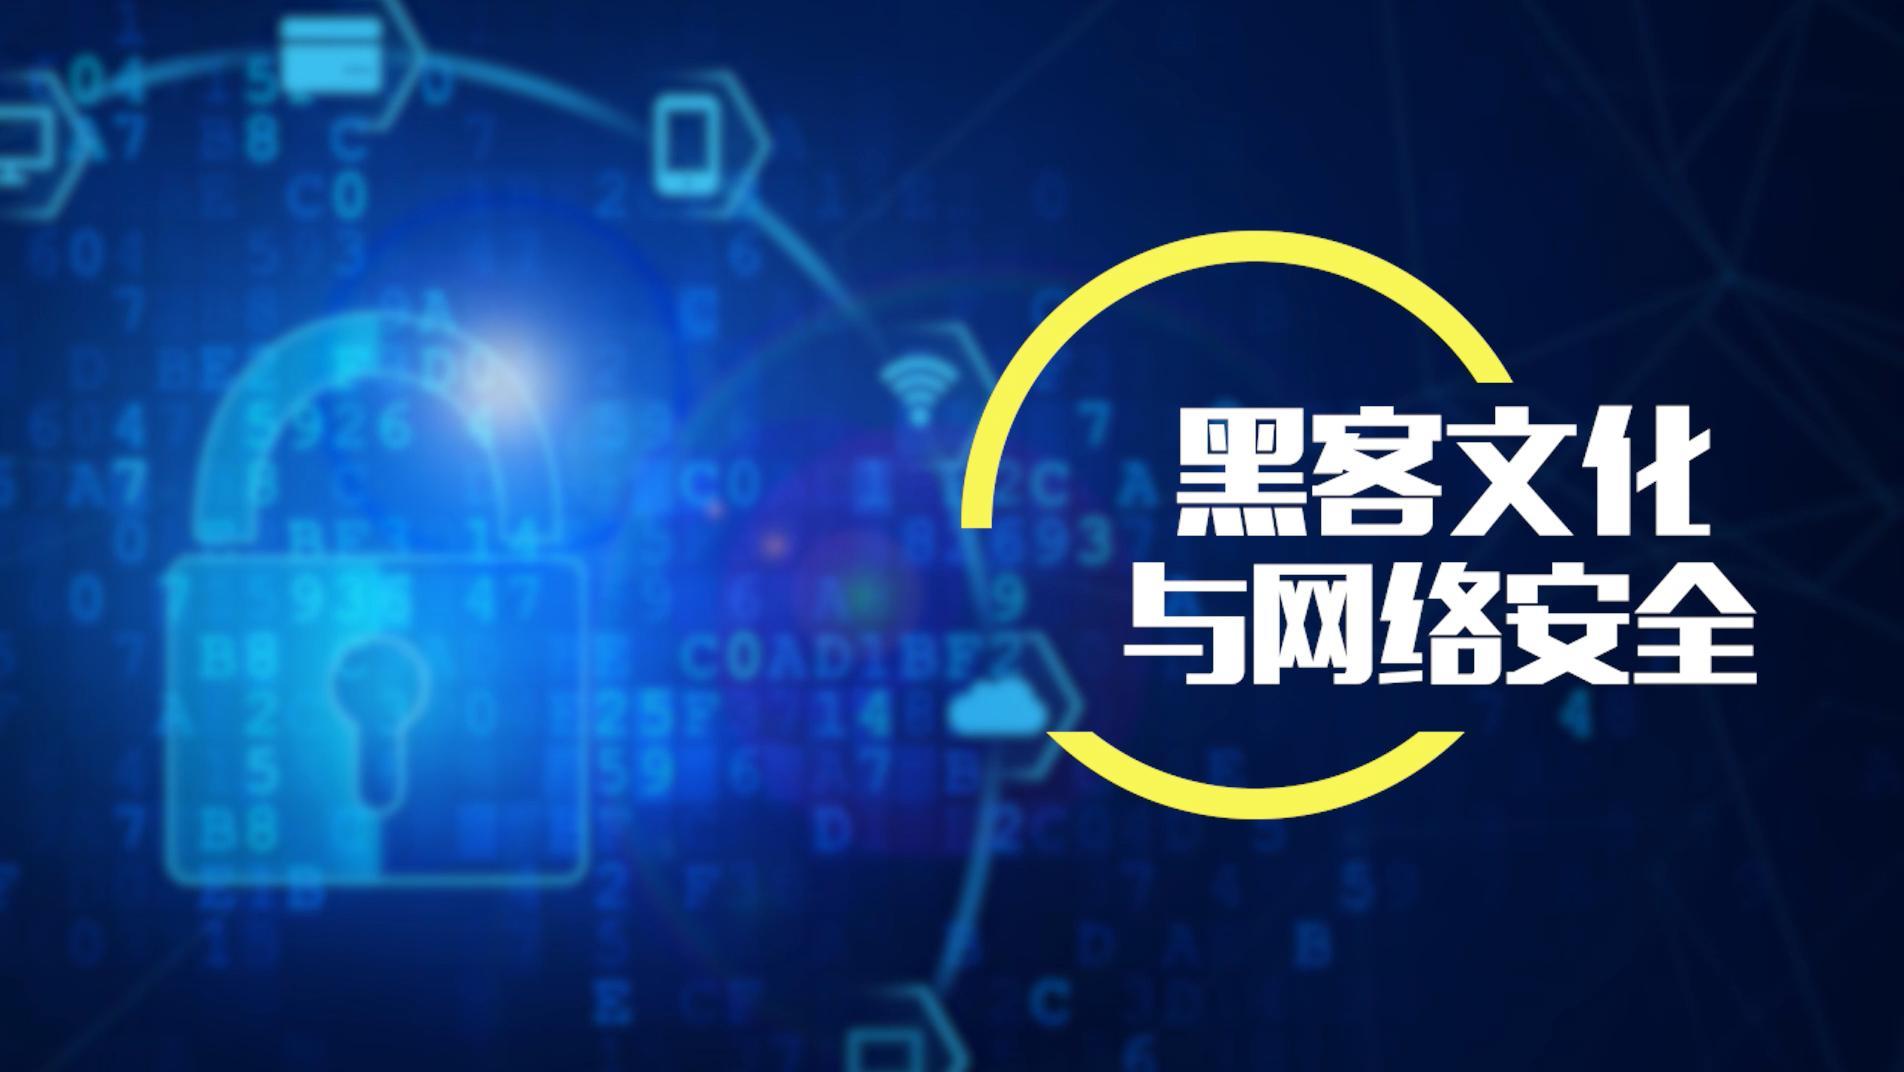 黑客文化与网络安全_智慧树知到答案2021年